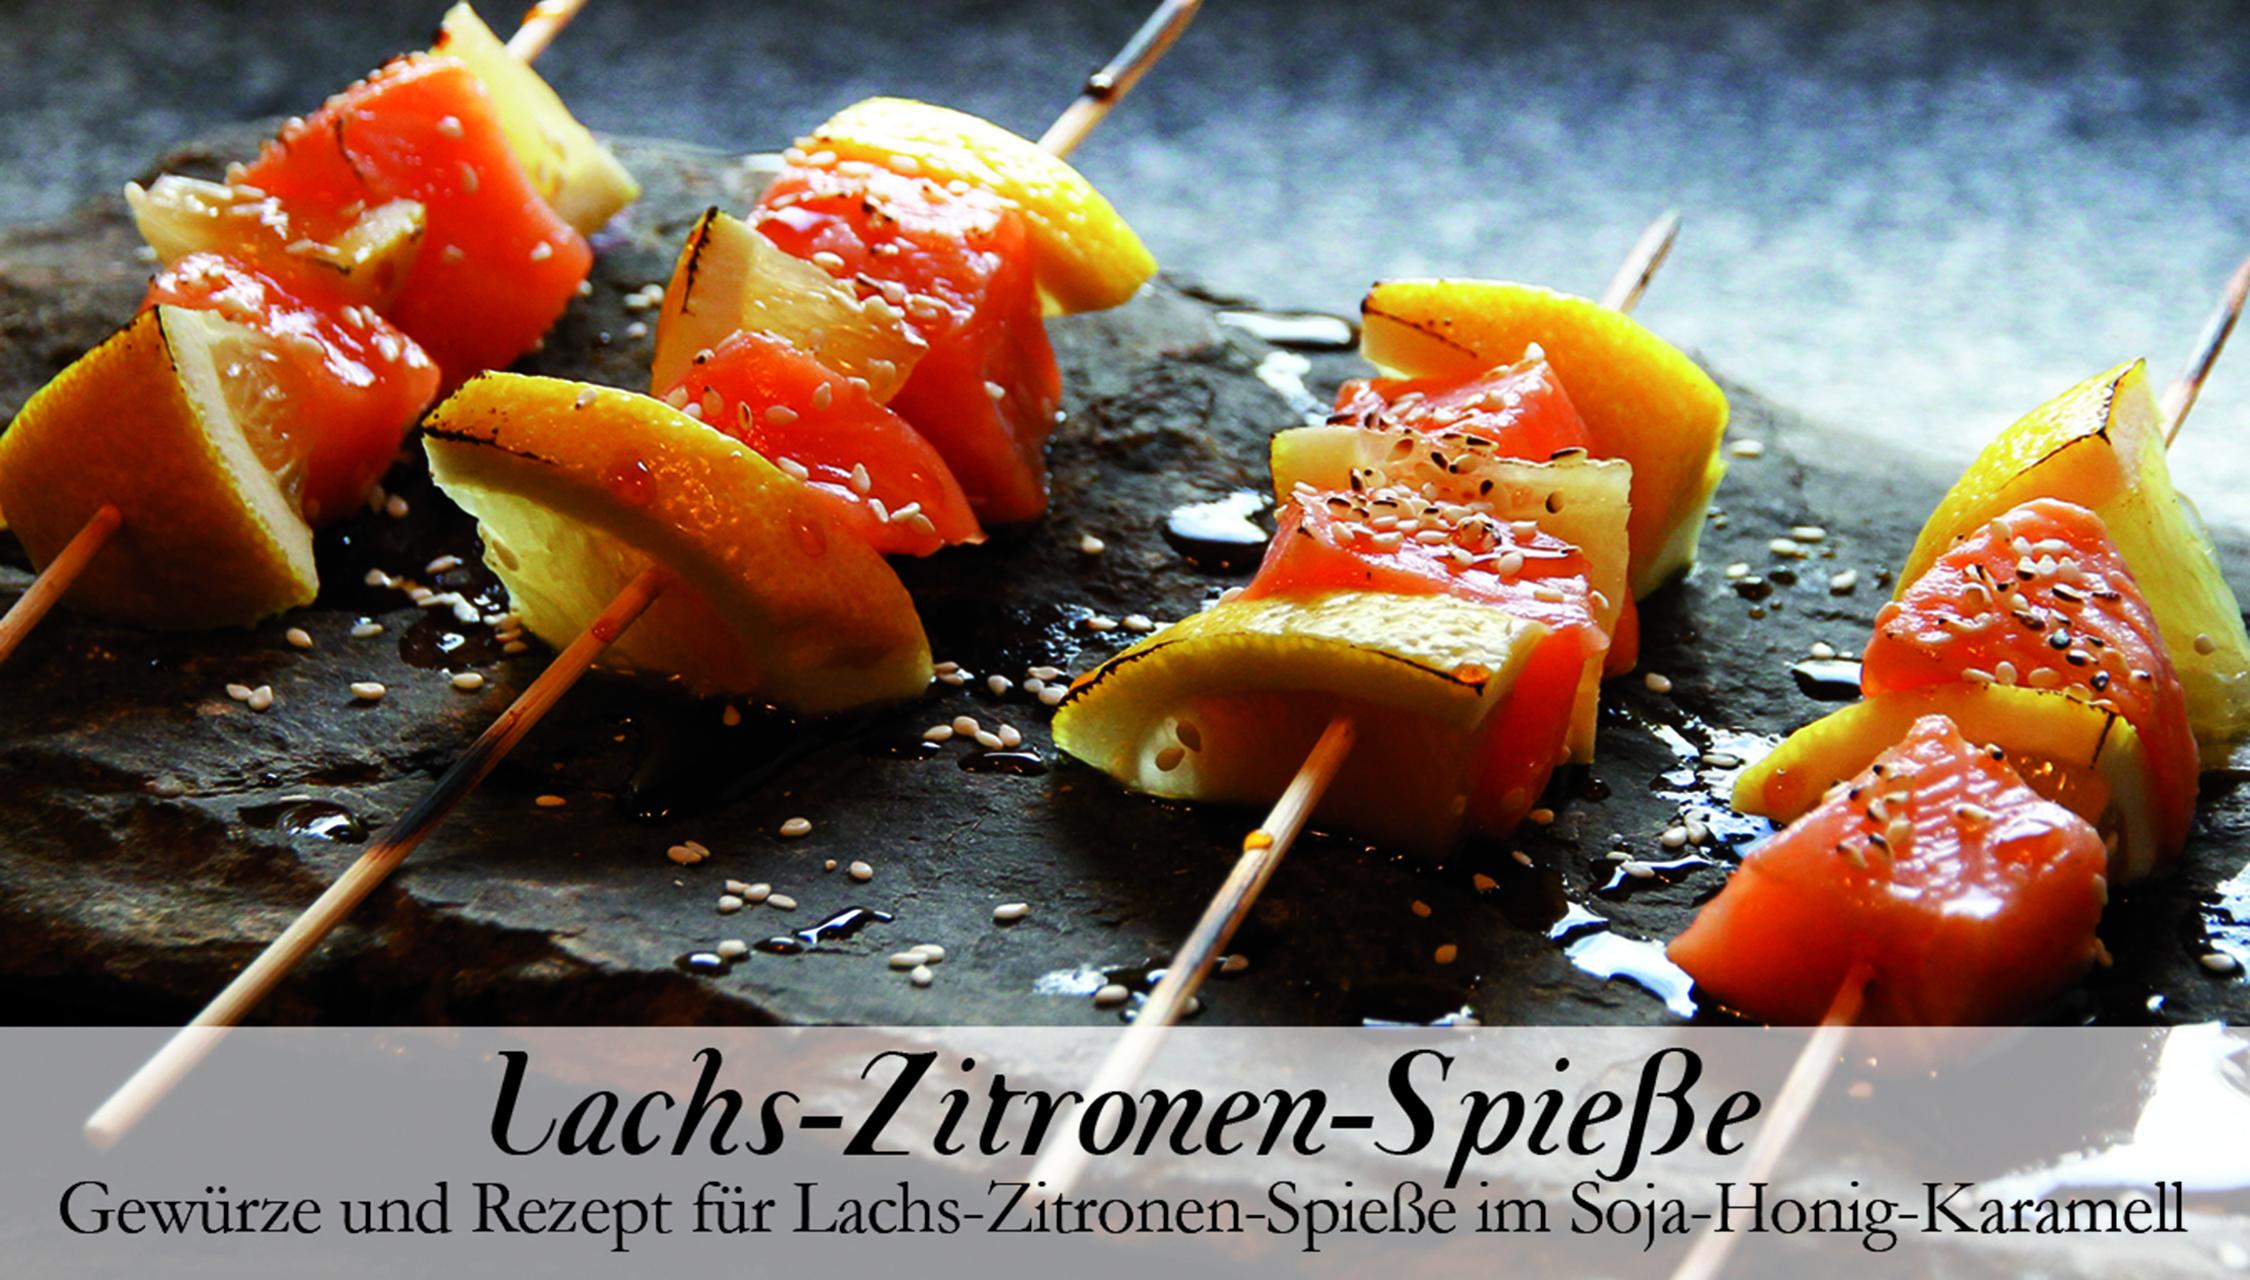 Lachs-Zitronen-Spieße-Gewürzkasten